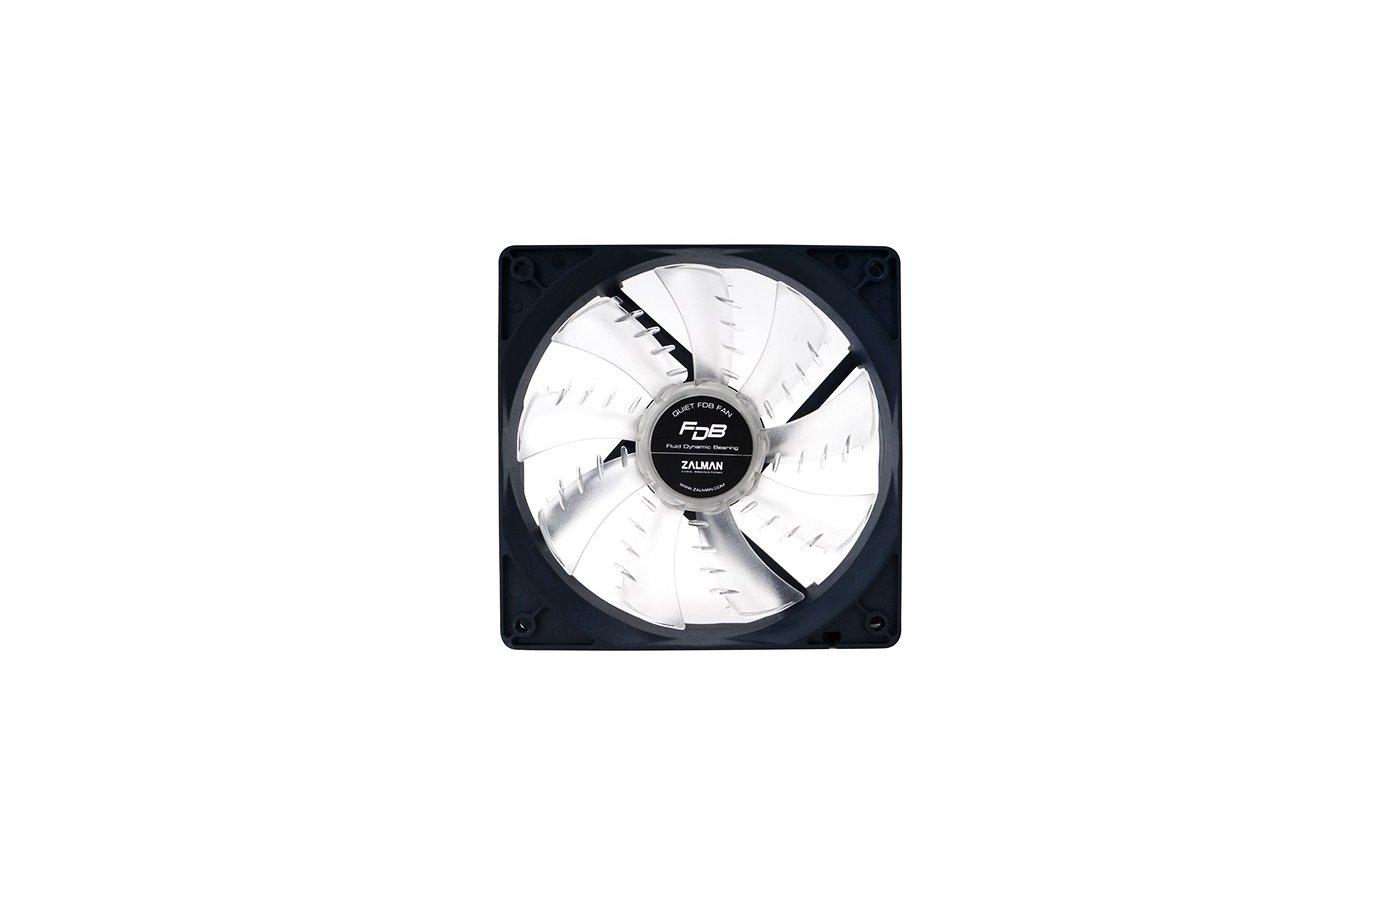 Охлаждение Zalman ZM-F3 FDB(SF) 120x120 3-pin 20-23dB Ret для корпуса